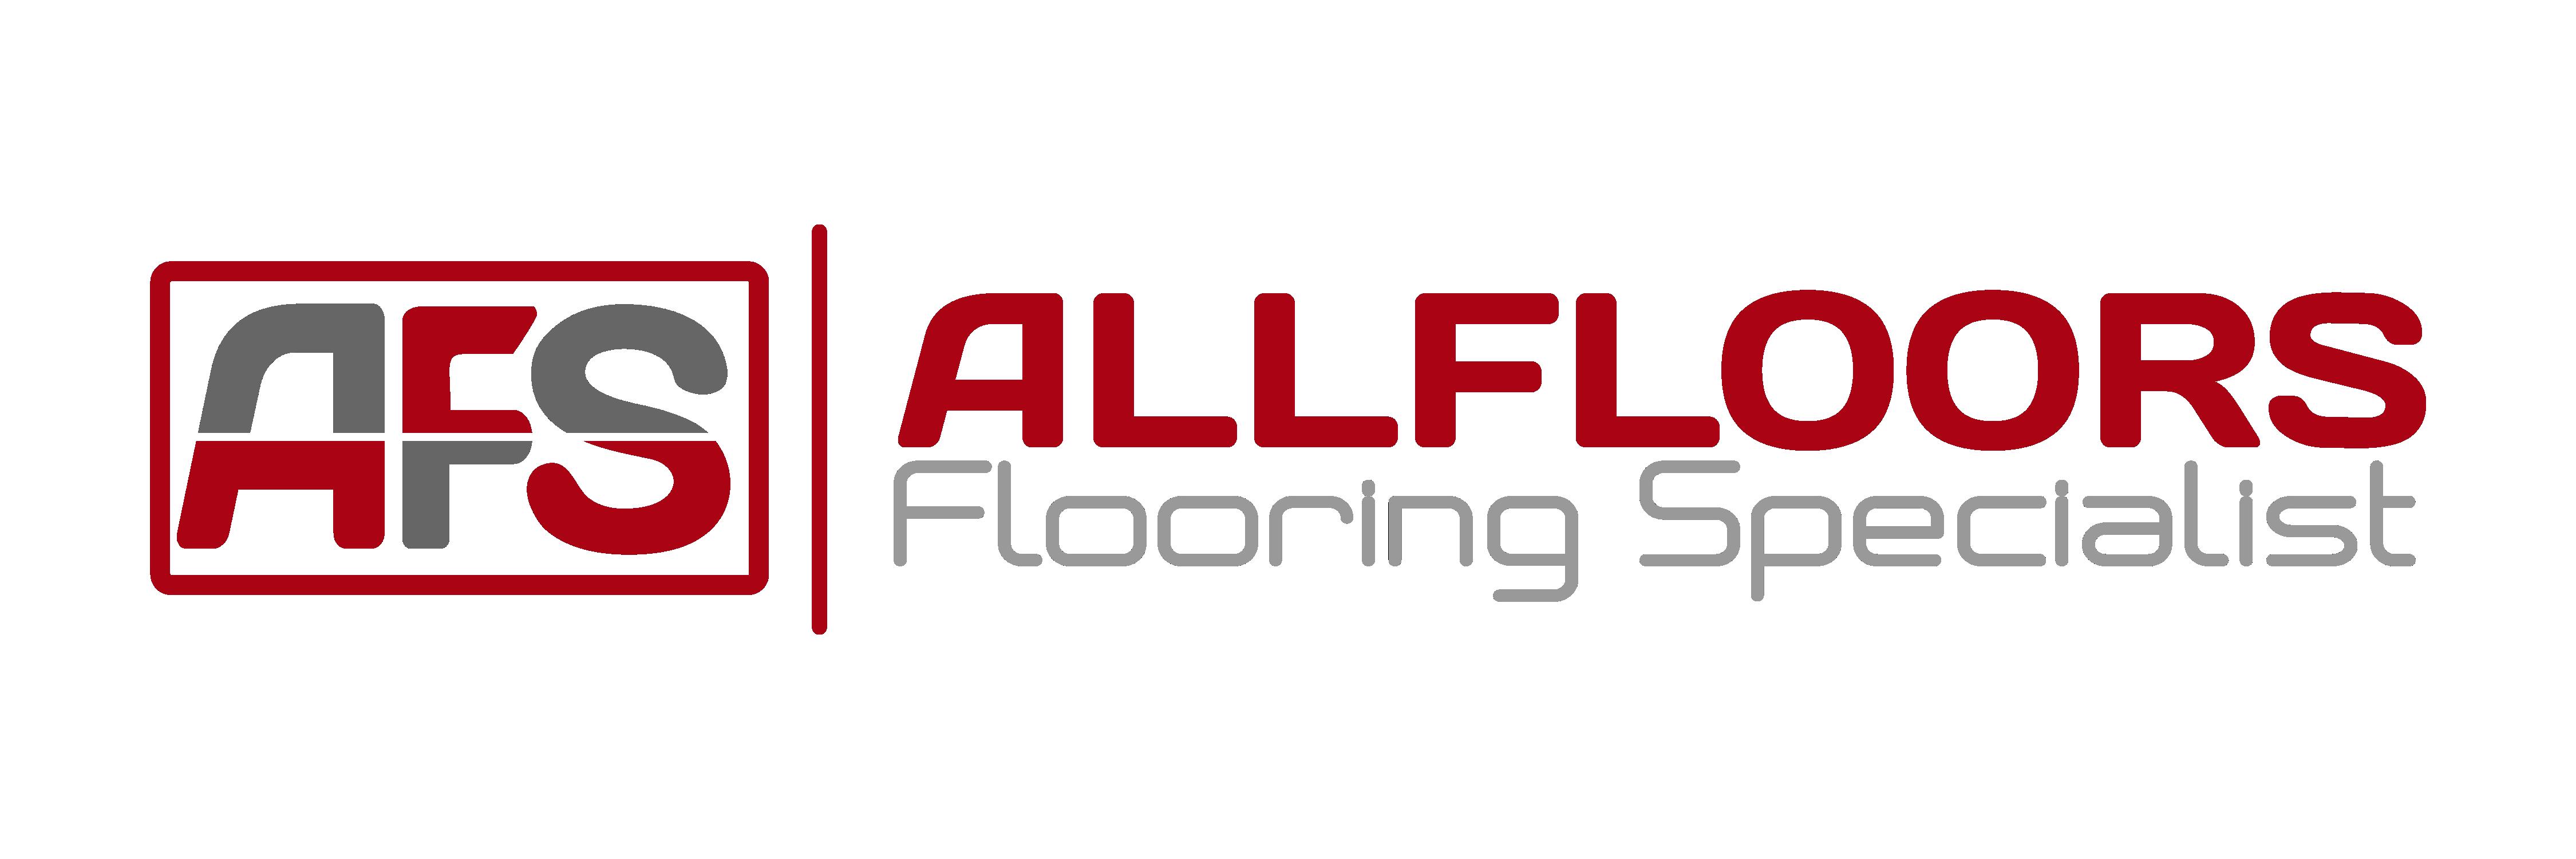 Floor Sanding Perth U0026 Fremantle